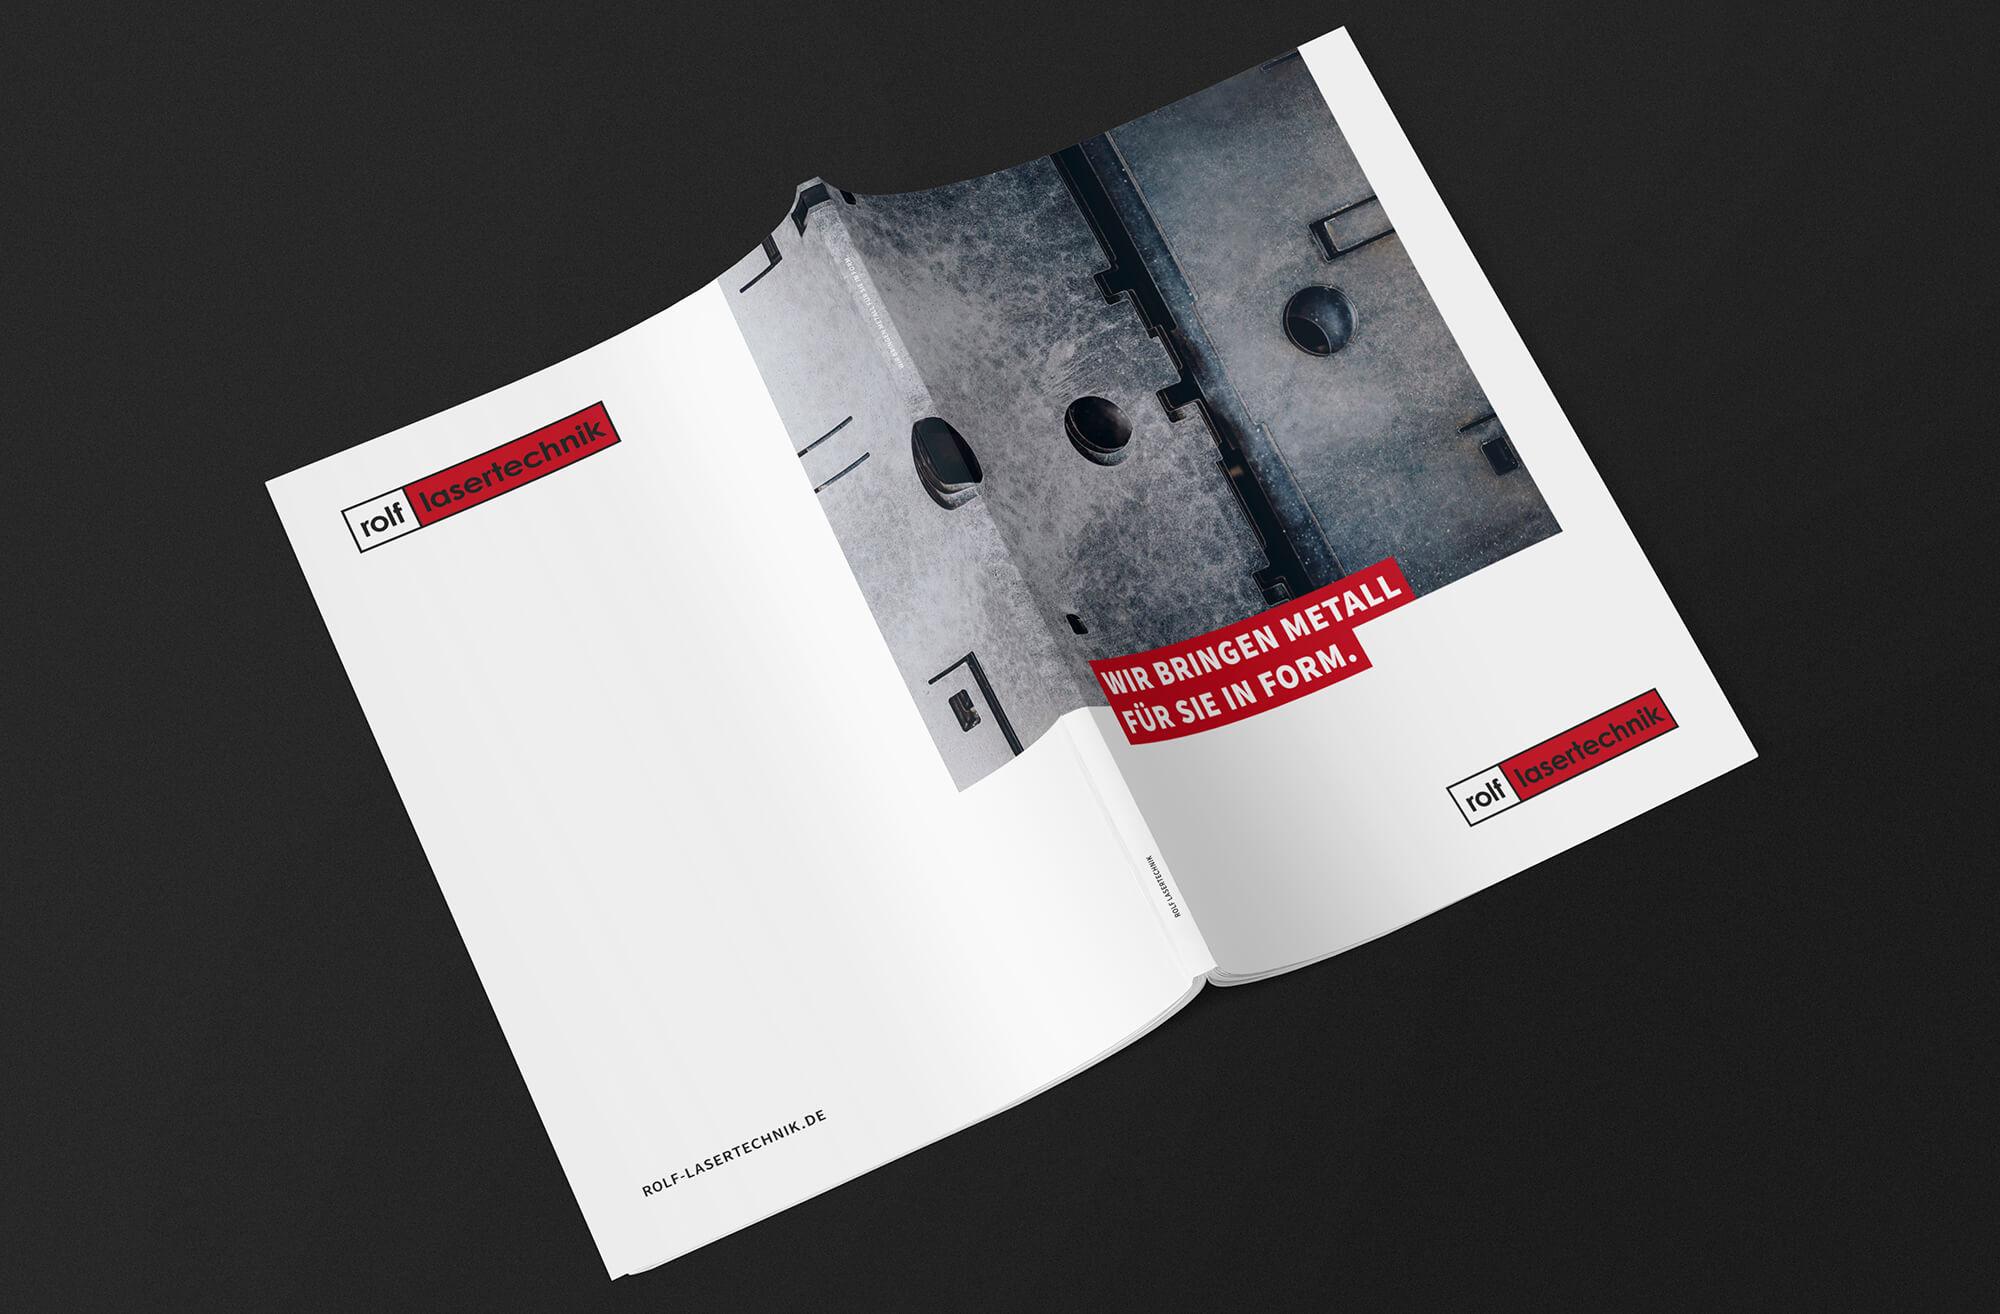 RL_Broschuere_Cover_2